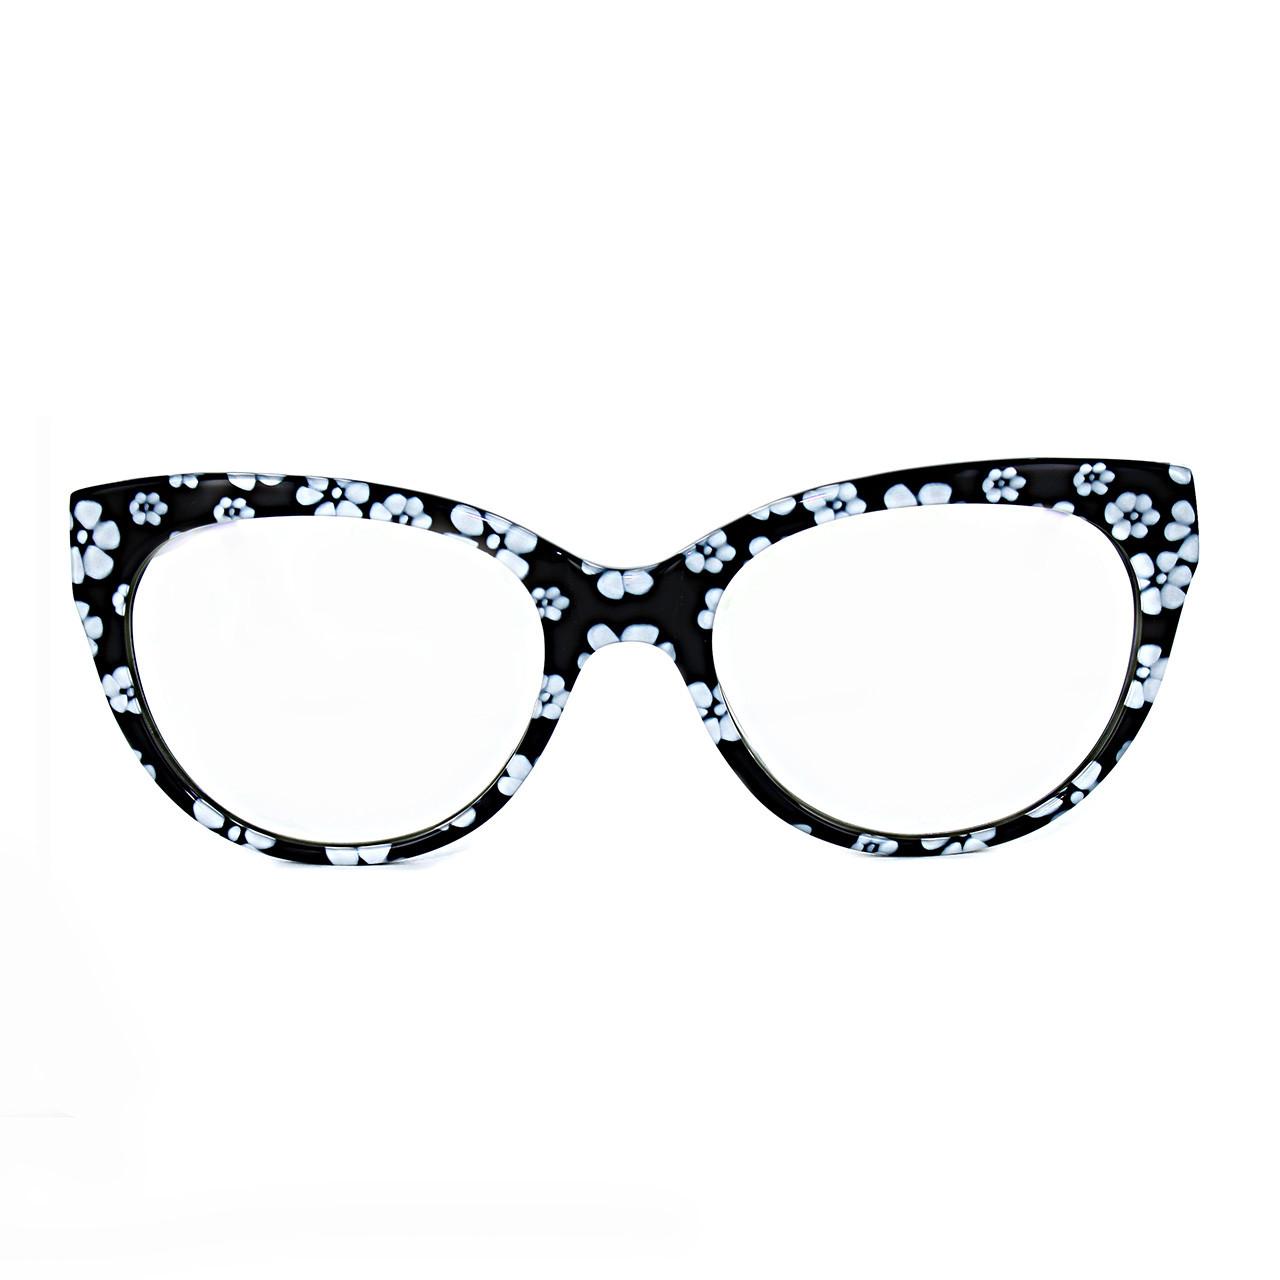 GEEK Couture Style Flower Eyeglasses